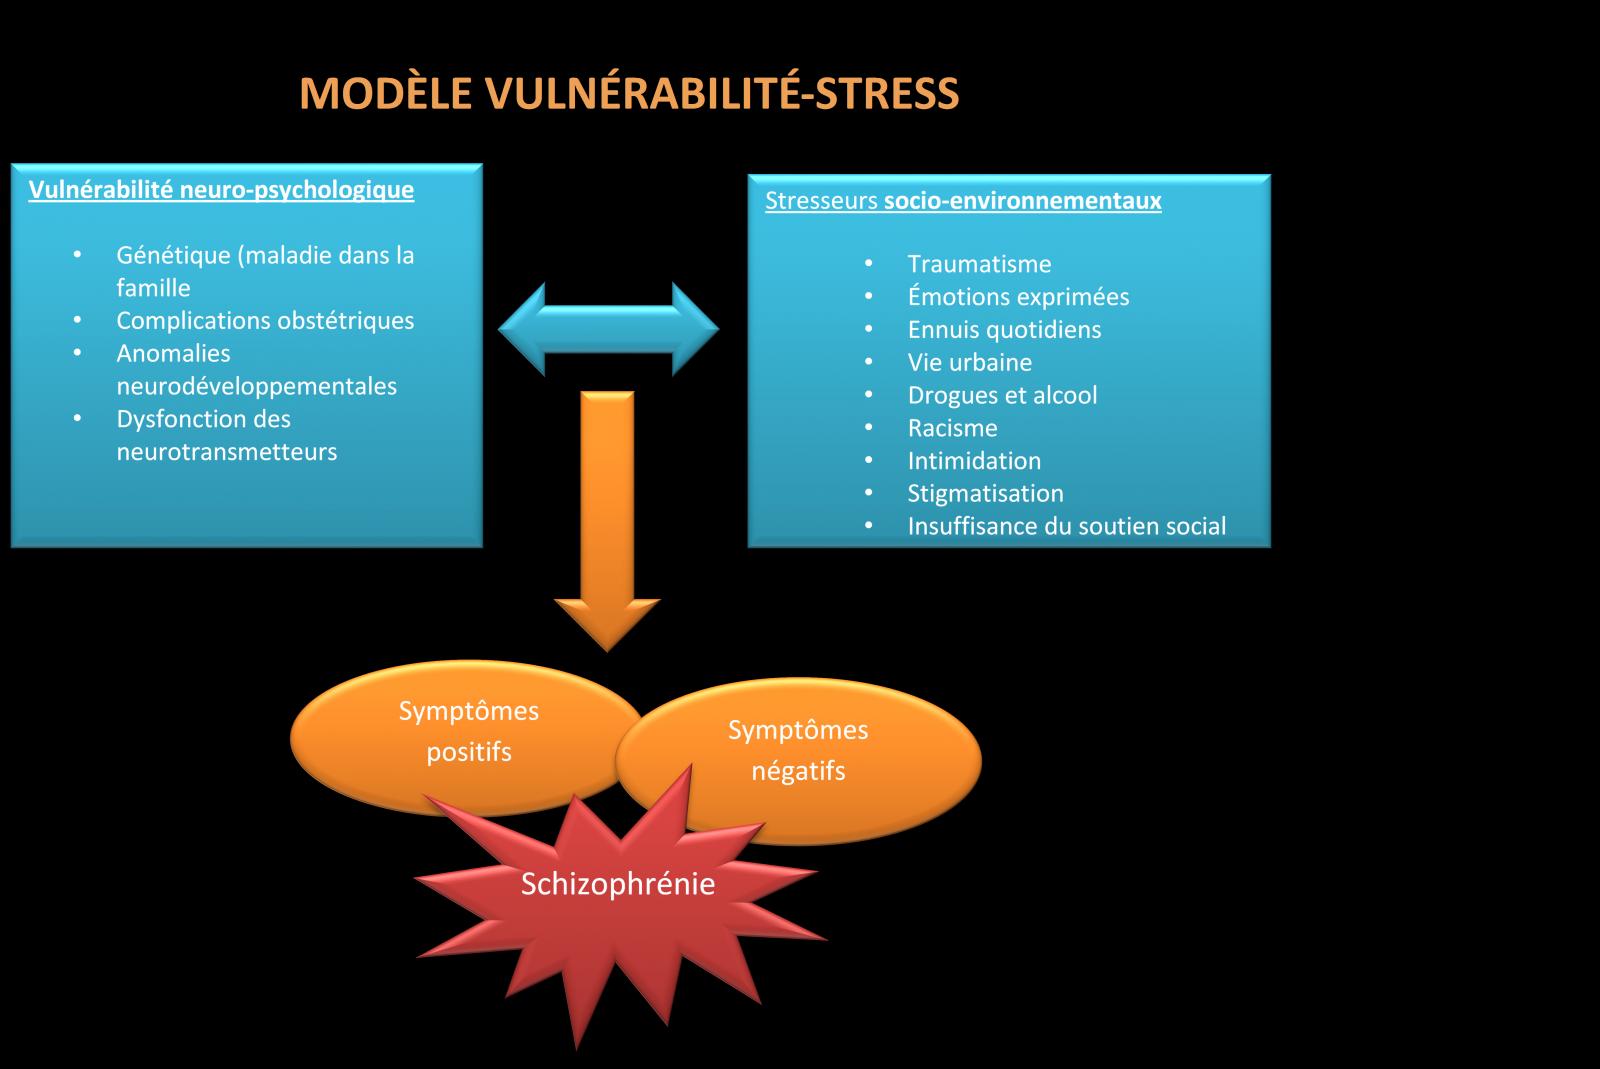 Modèle Vulnérabilité-Stress